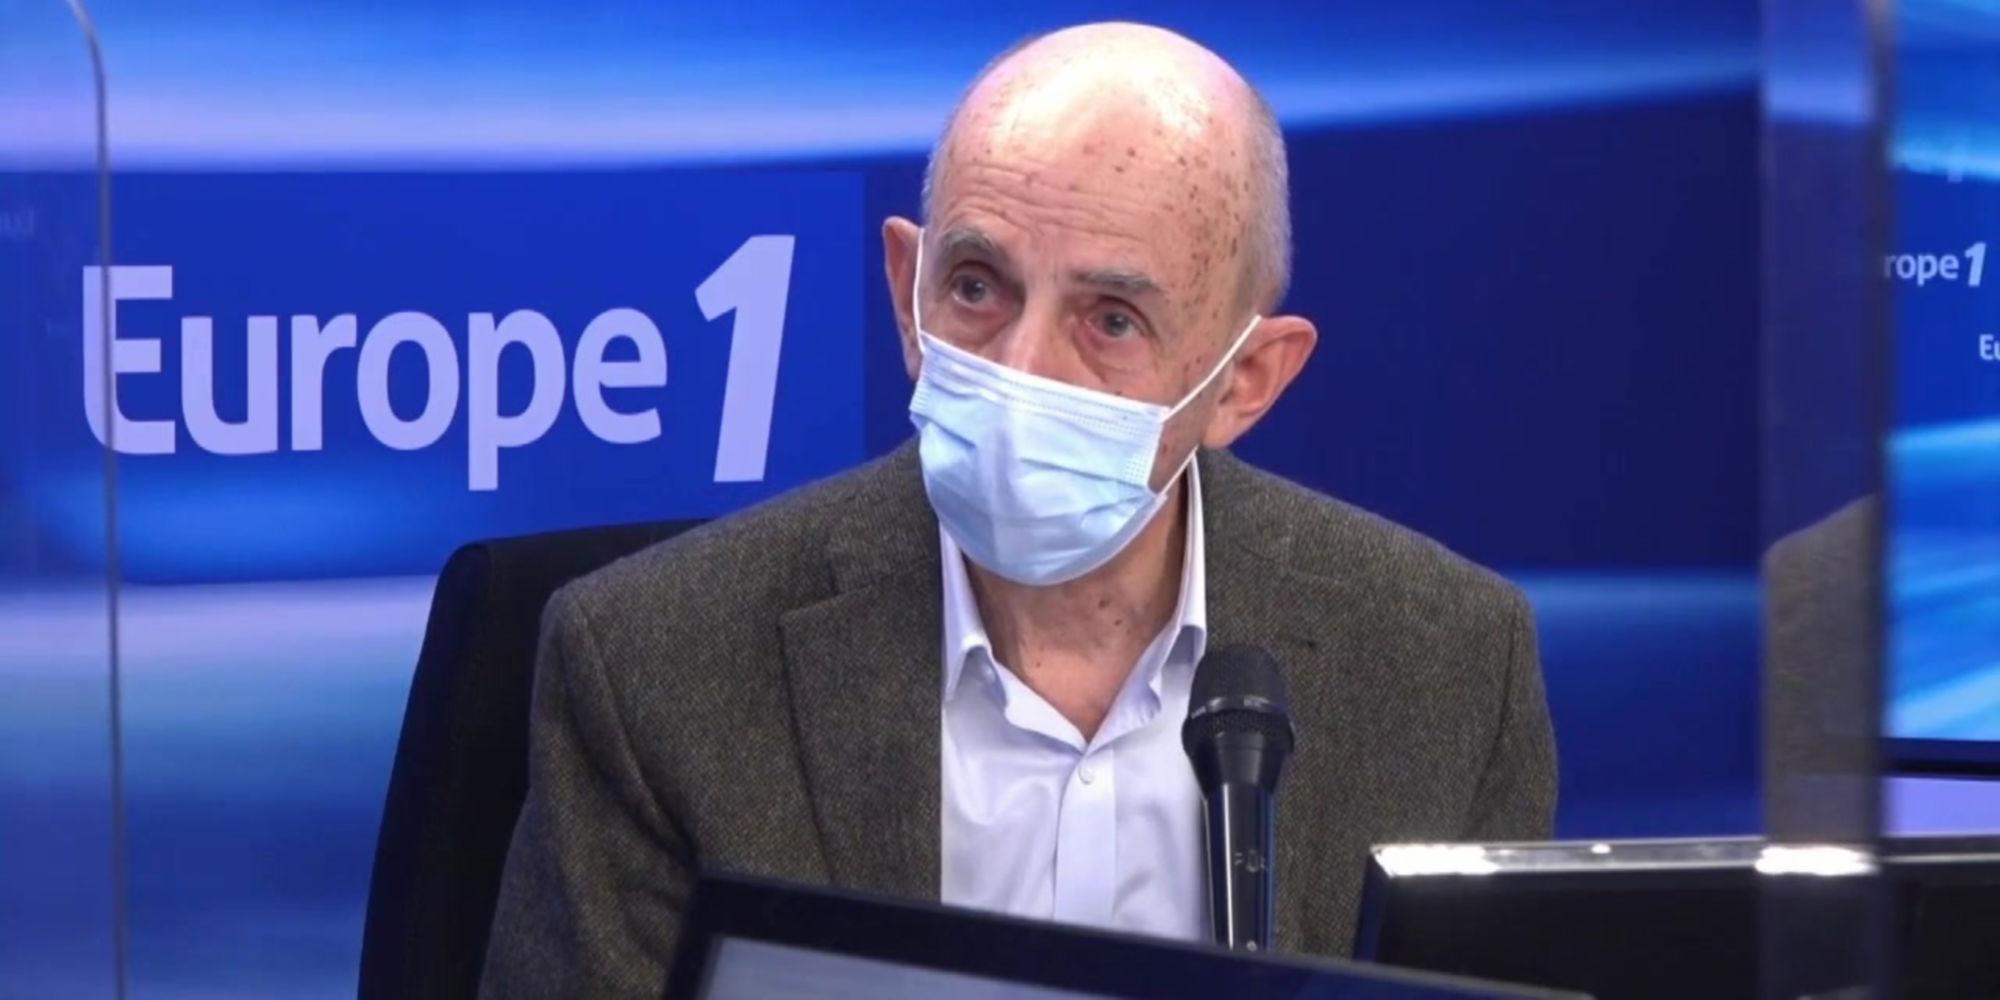 """EXTRAIT - Louis Gallois plaide pour un """"impôt temporaire de solidarité"""" sur """"les tranches les plus élevées"""""""